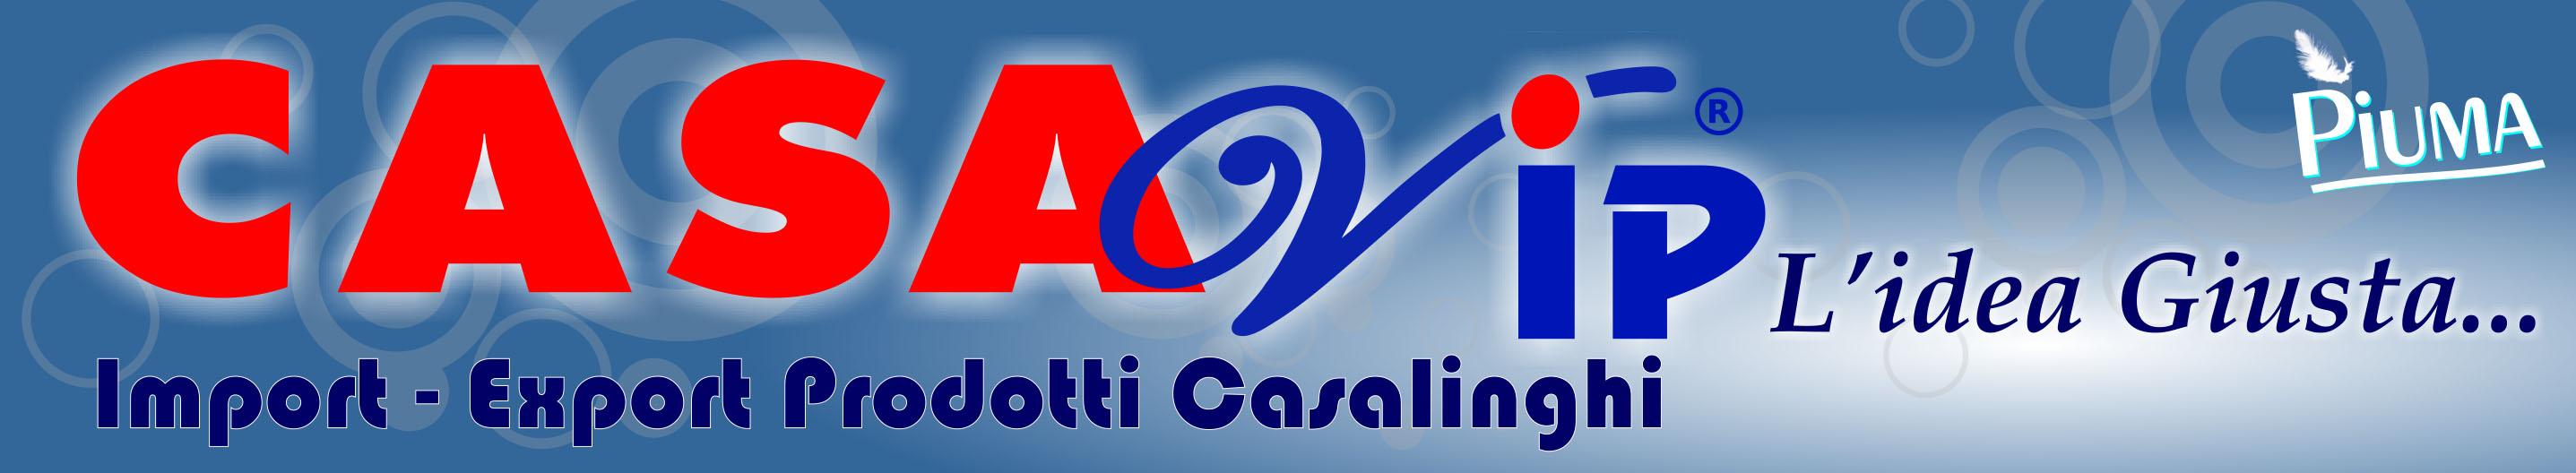 CasaVip s.r.l.